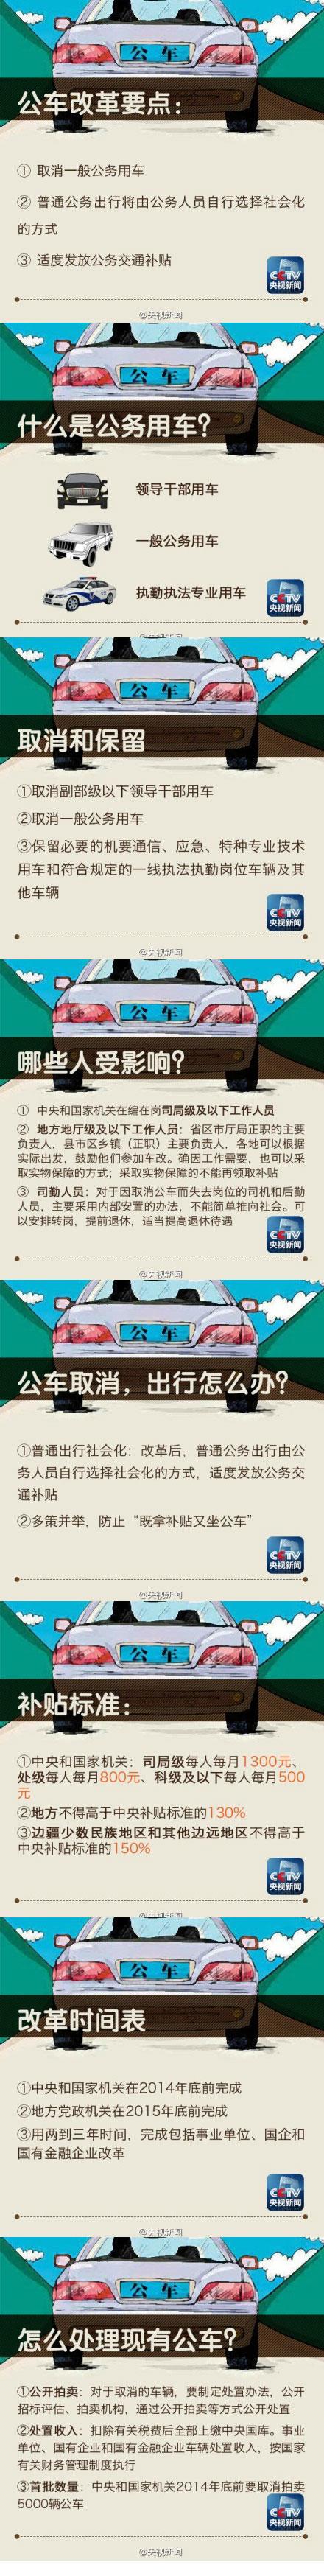 《关于全面推进公务用车制度改革的指导意见》和《中央和国家机关公务用车制度改革方案》今天下发